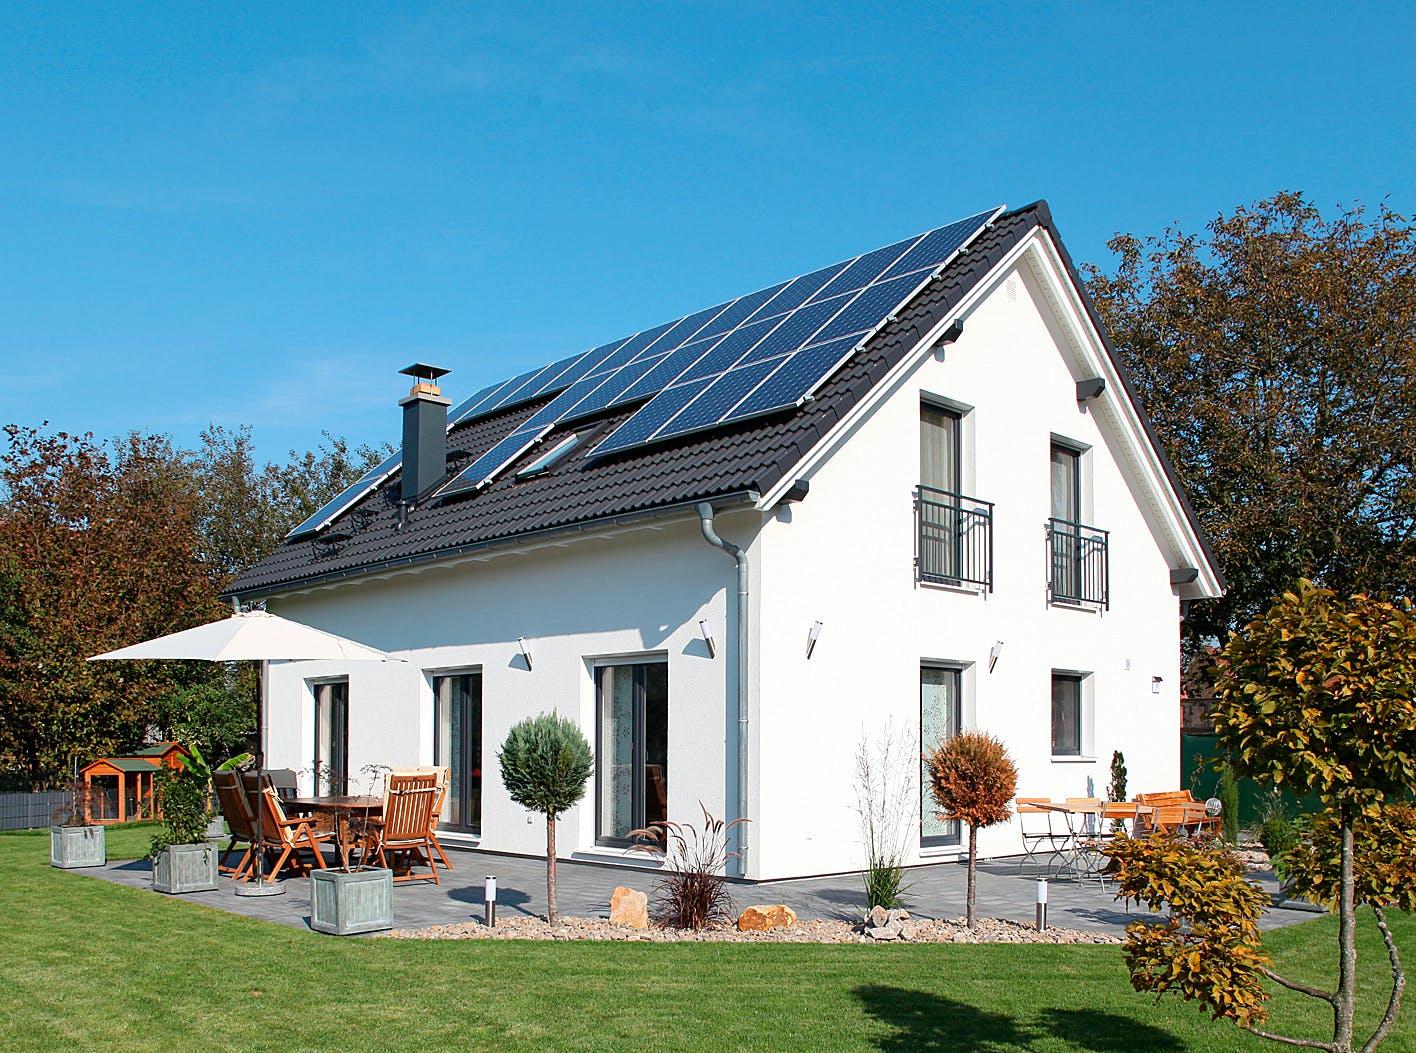 Klassisches Einfamilienhaus mit Solardach